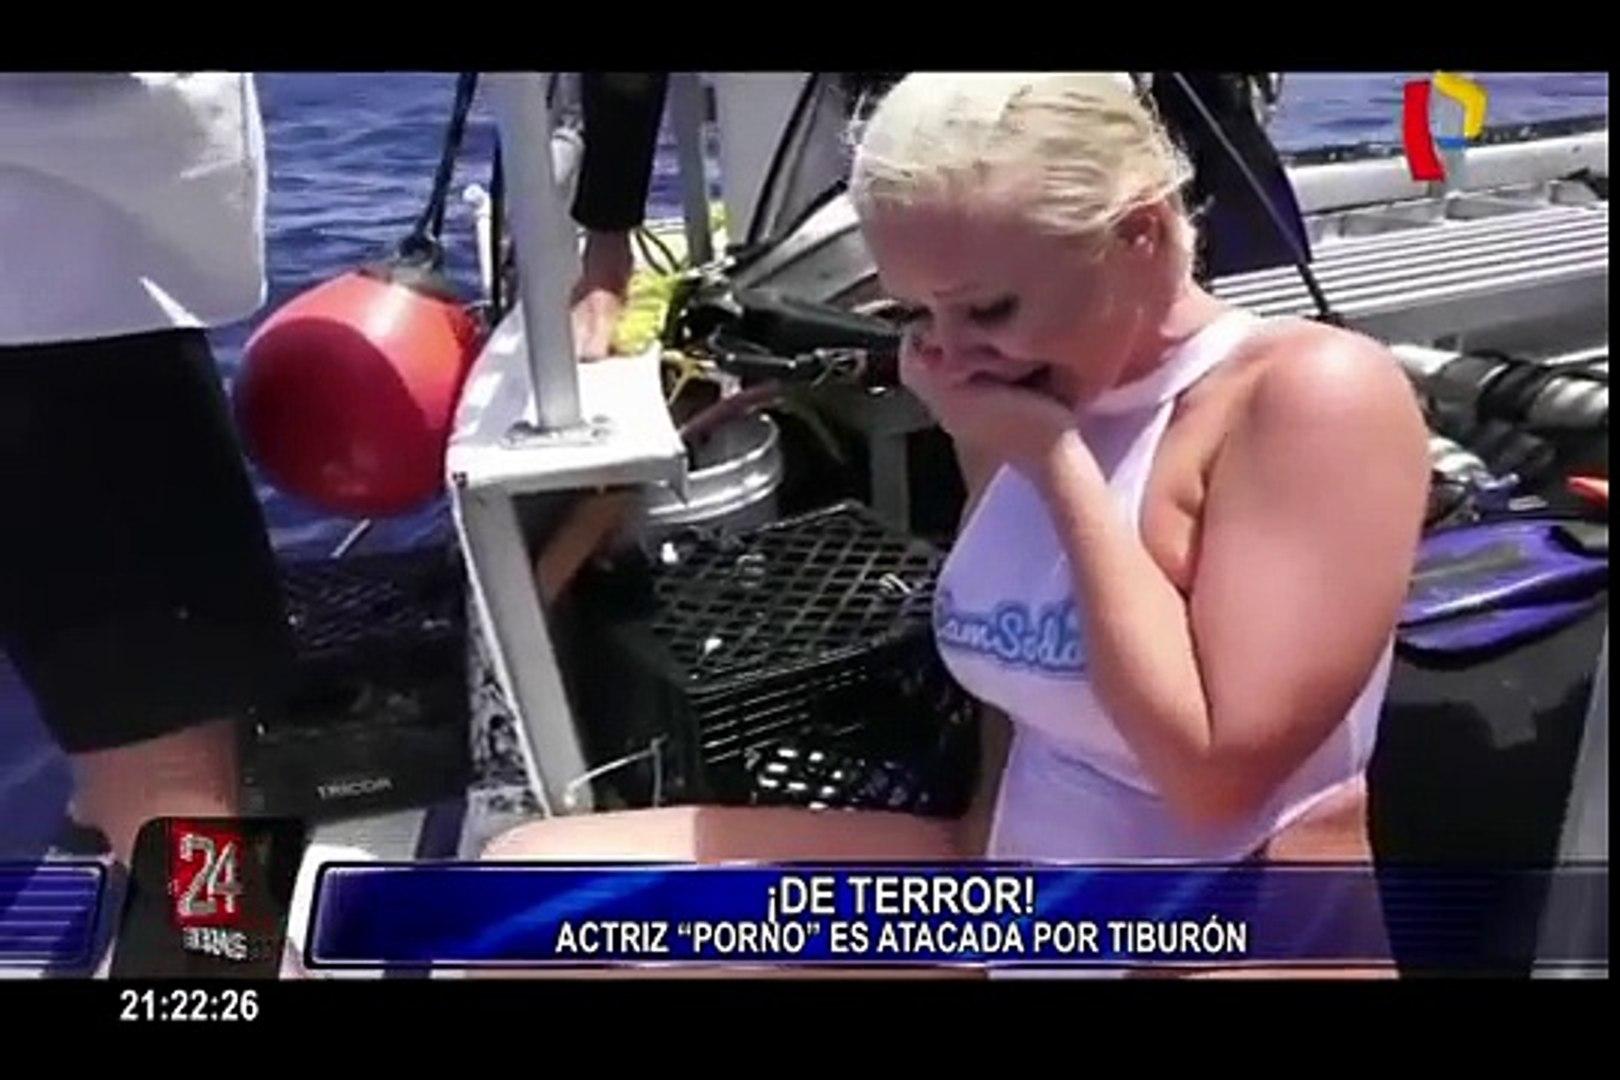 Actriz Porno Es Mordida Por Tiburon actriz porno fue atacada por tiburón durante grabación de un comercial